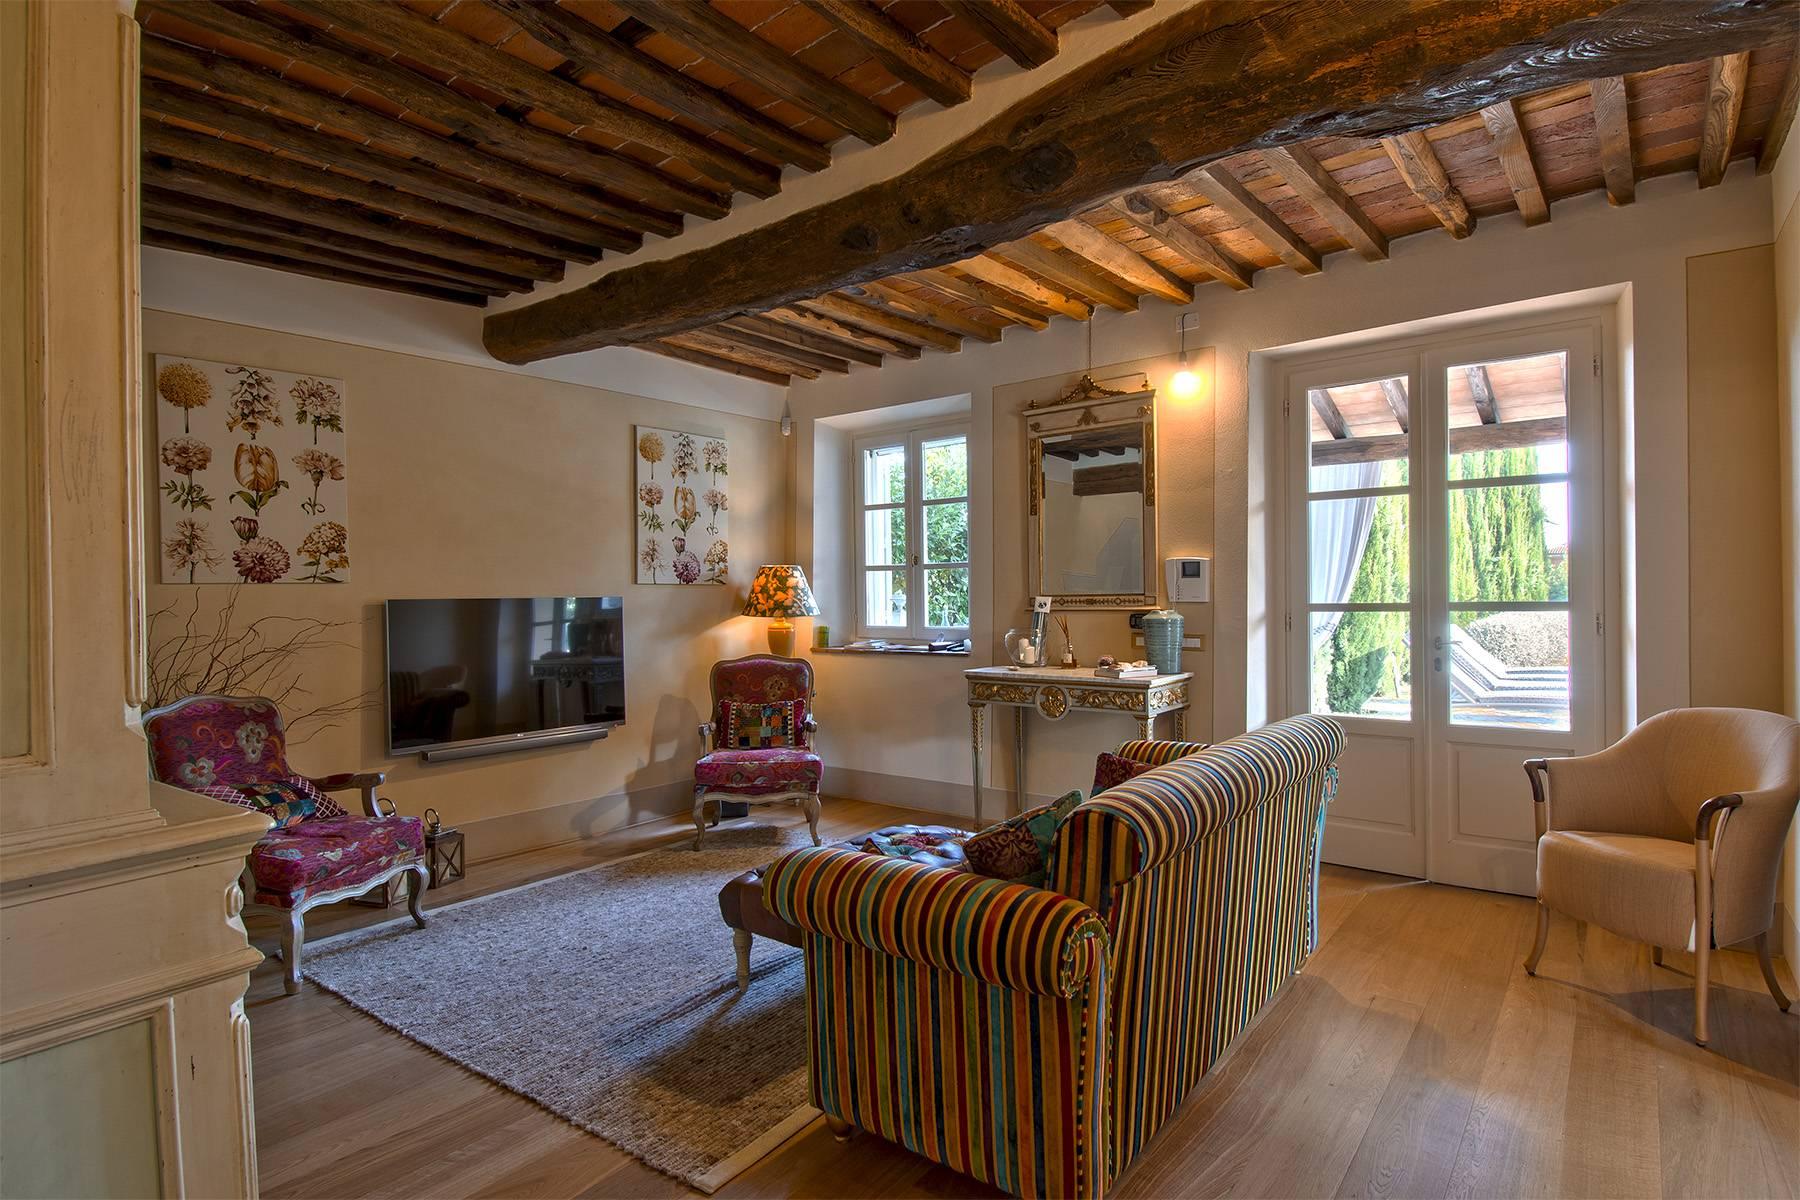 Casa indipendente in Vendita a Lucca: 5 locali, 130 mq - Foto 5